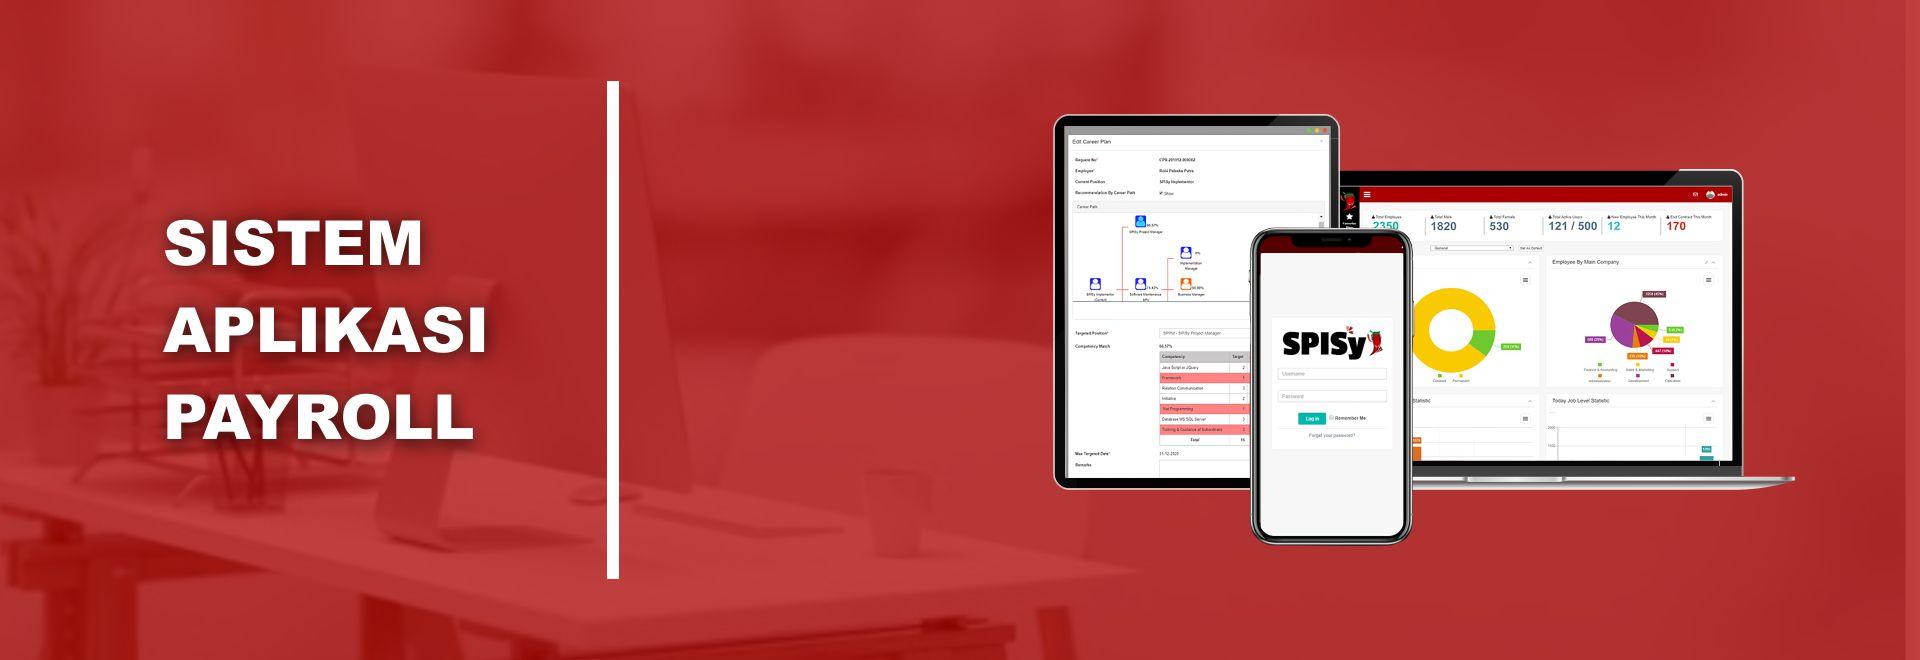 Yuk Intip Fitur Unggulan SPISy, Aplikasi Payroll Indonesia Terbaik!